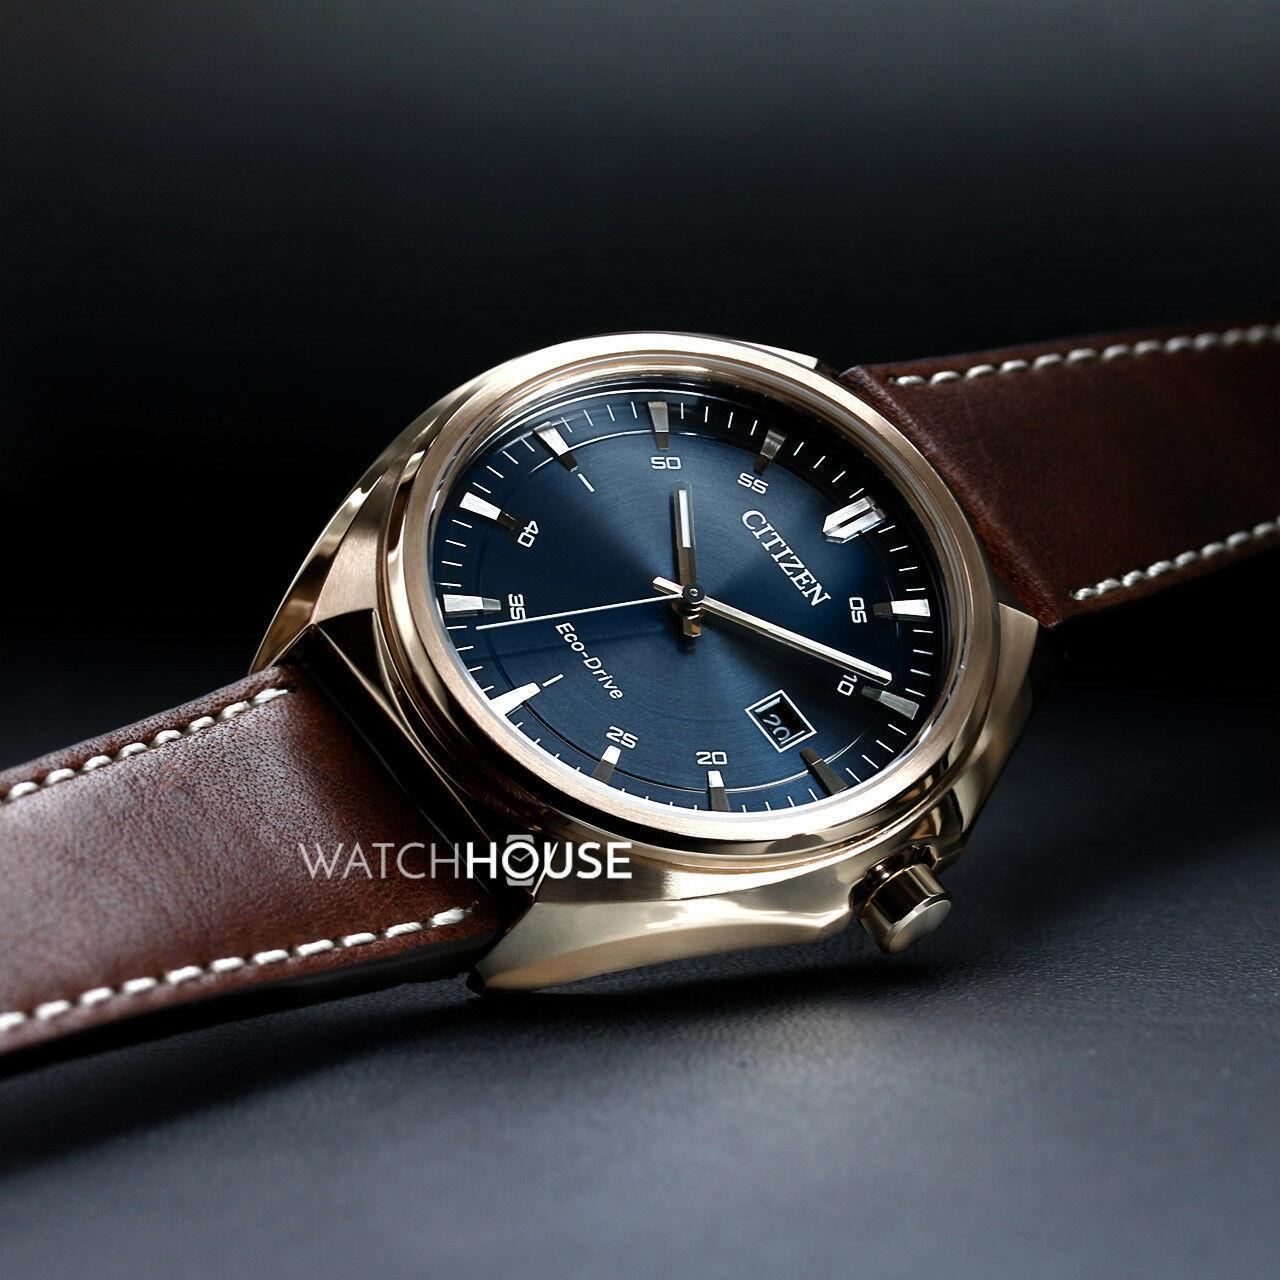 Ситизен продать часы часов в старинных уфе скупка